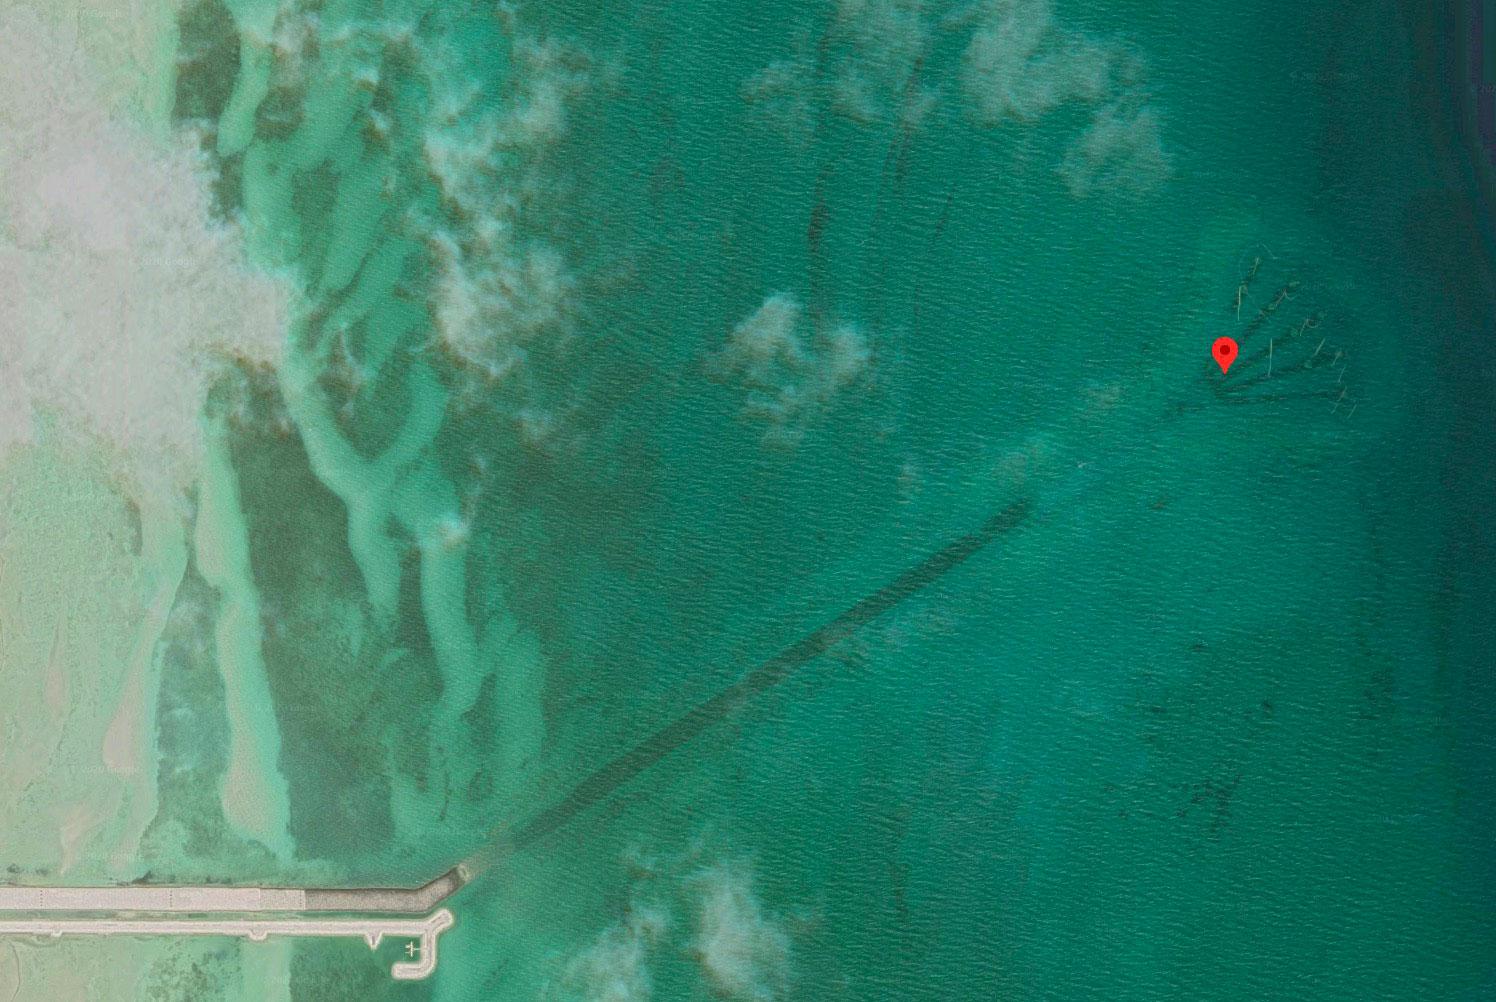 Mais à quoi donc peut bien servir cette drôle de structure trouvée sur Google Earth ?